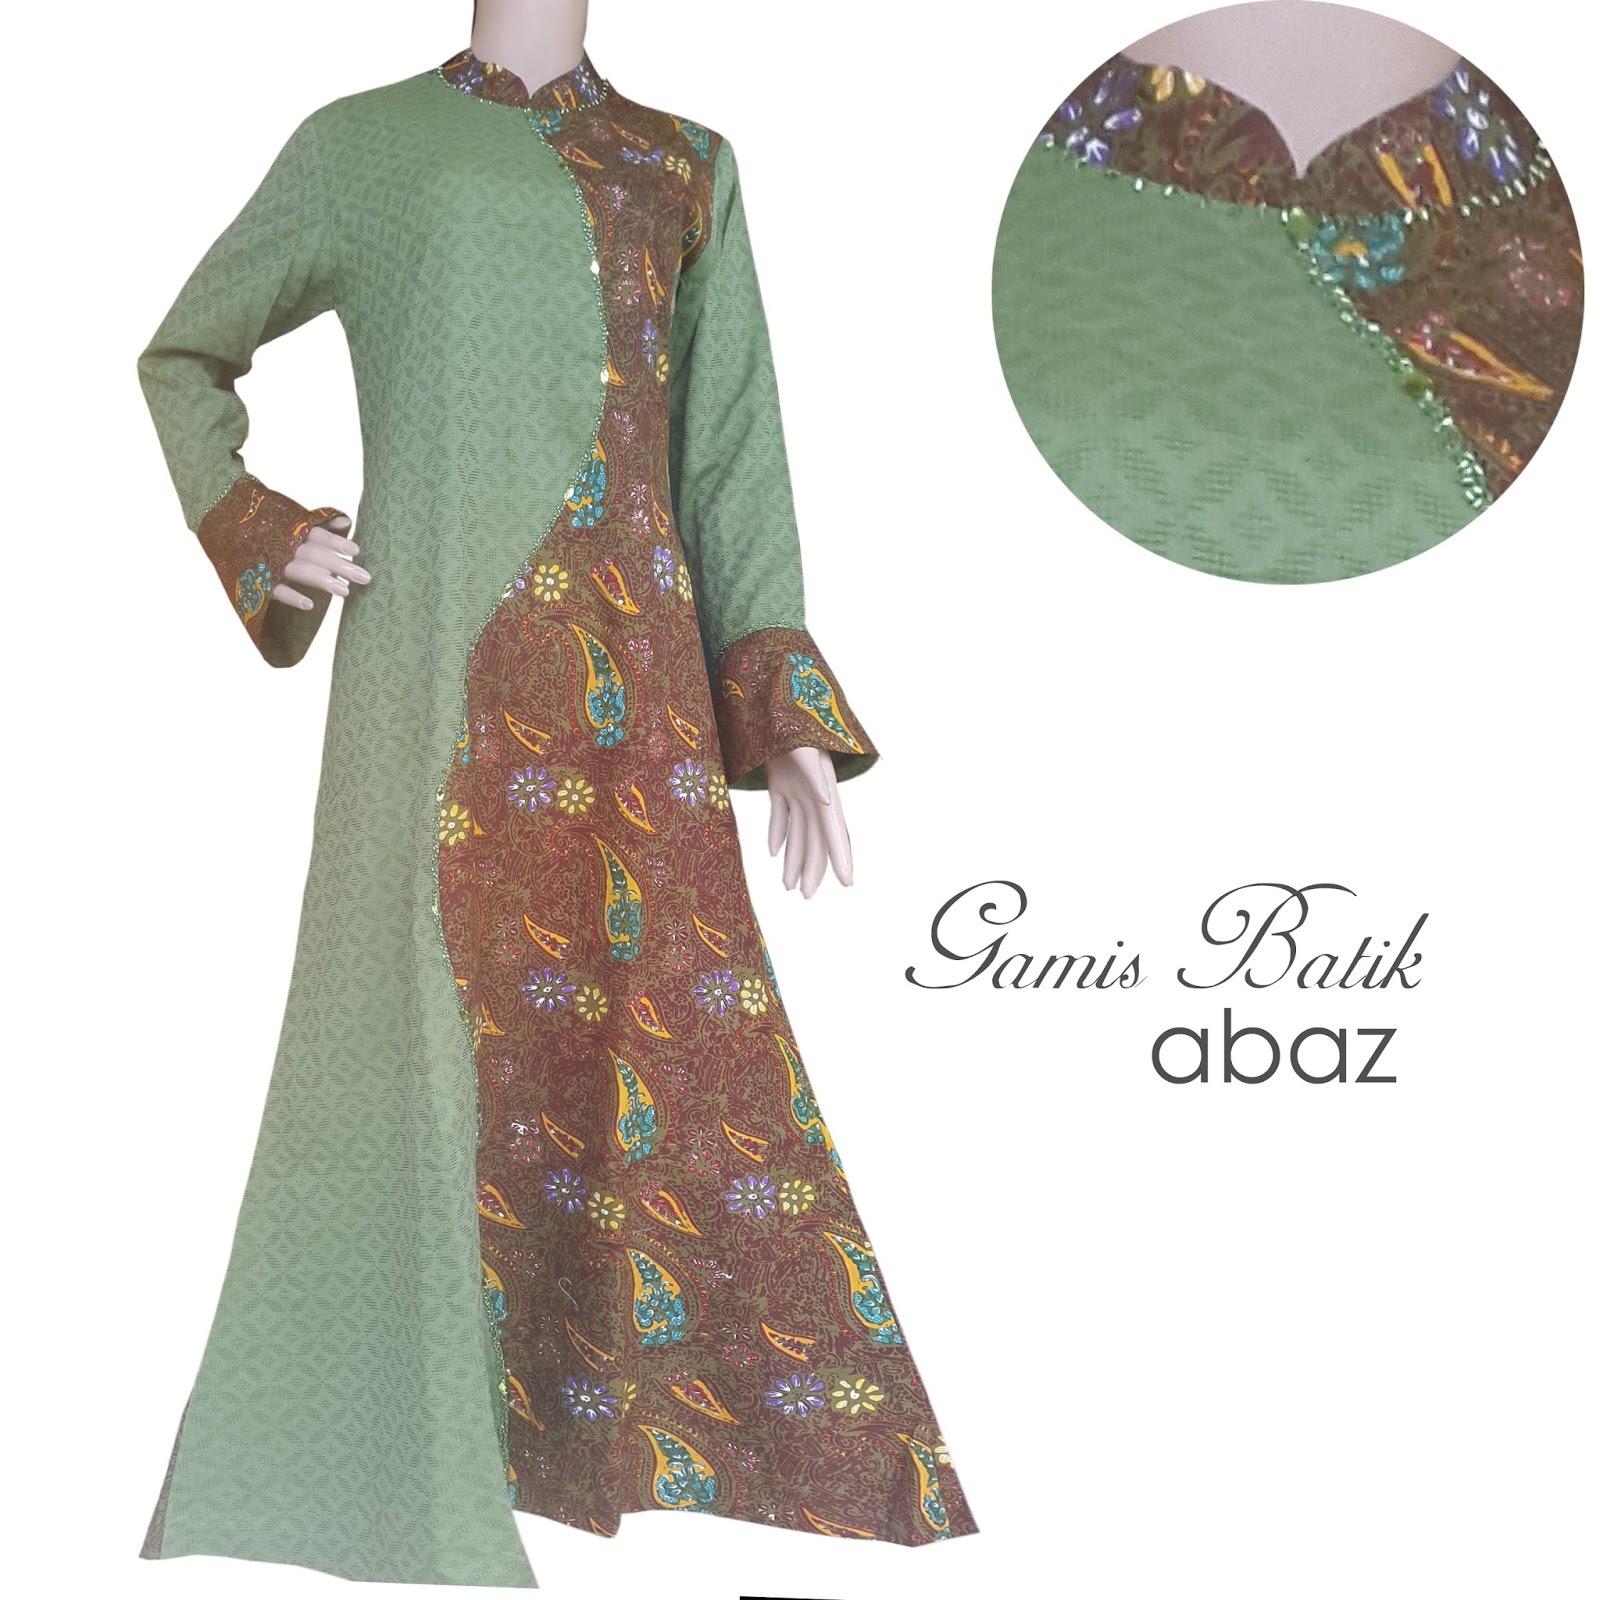 Gamis Batik Batik Garutan Baju Gamis Batik Garut